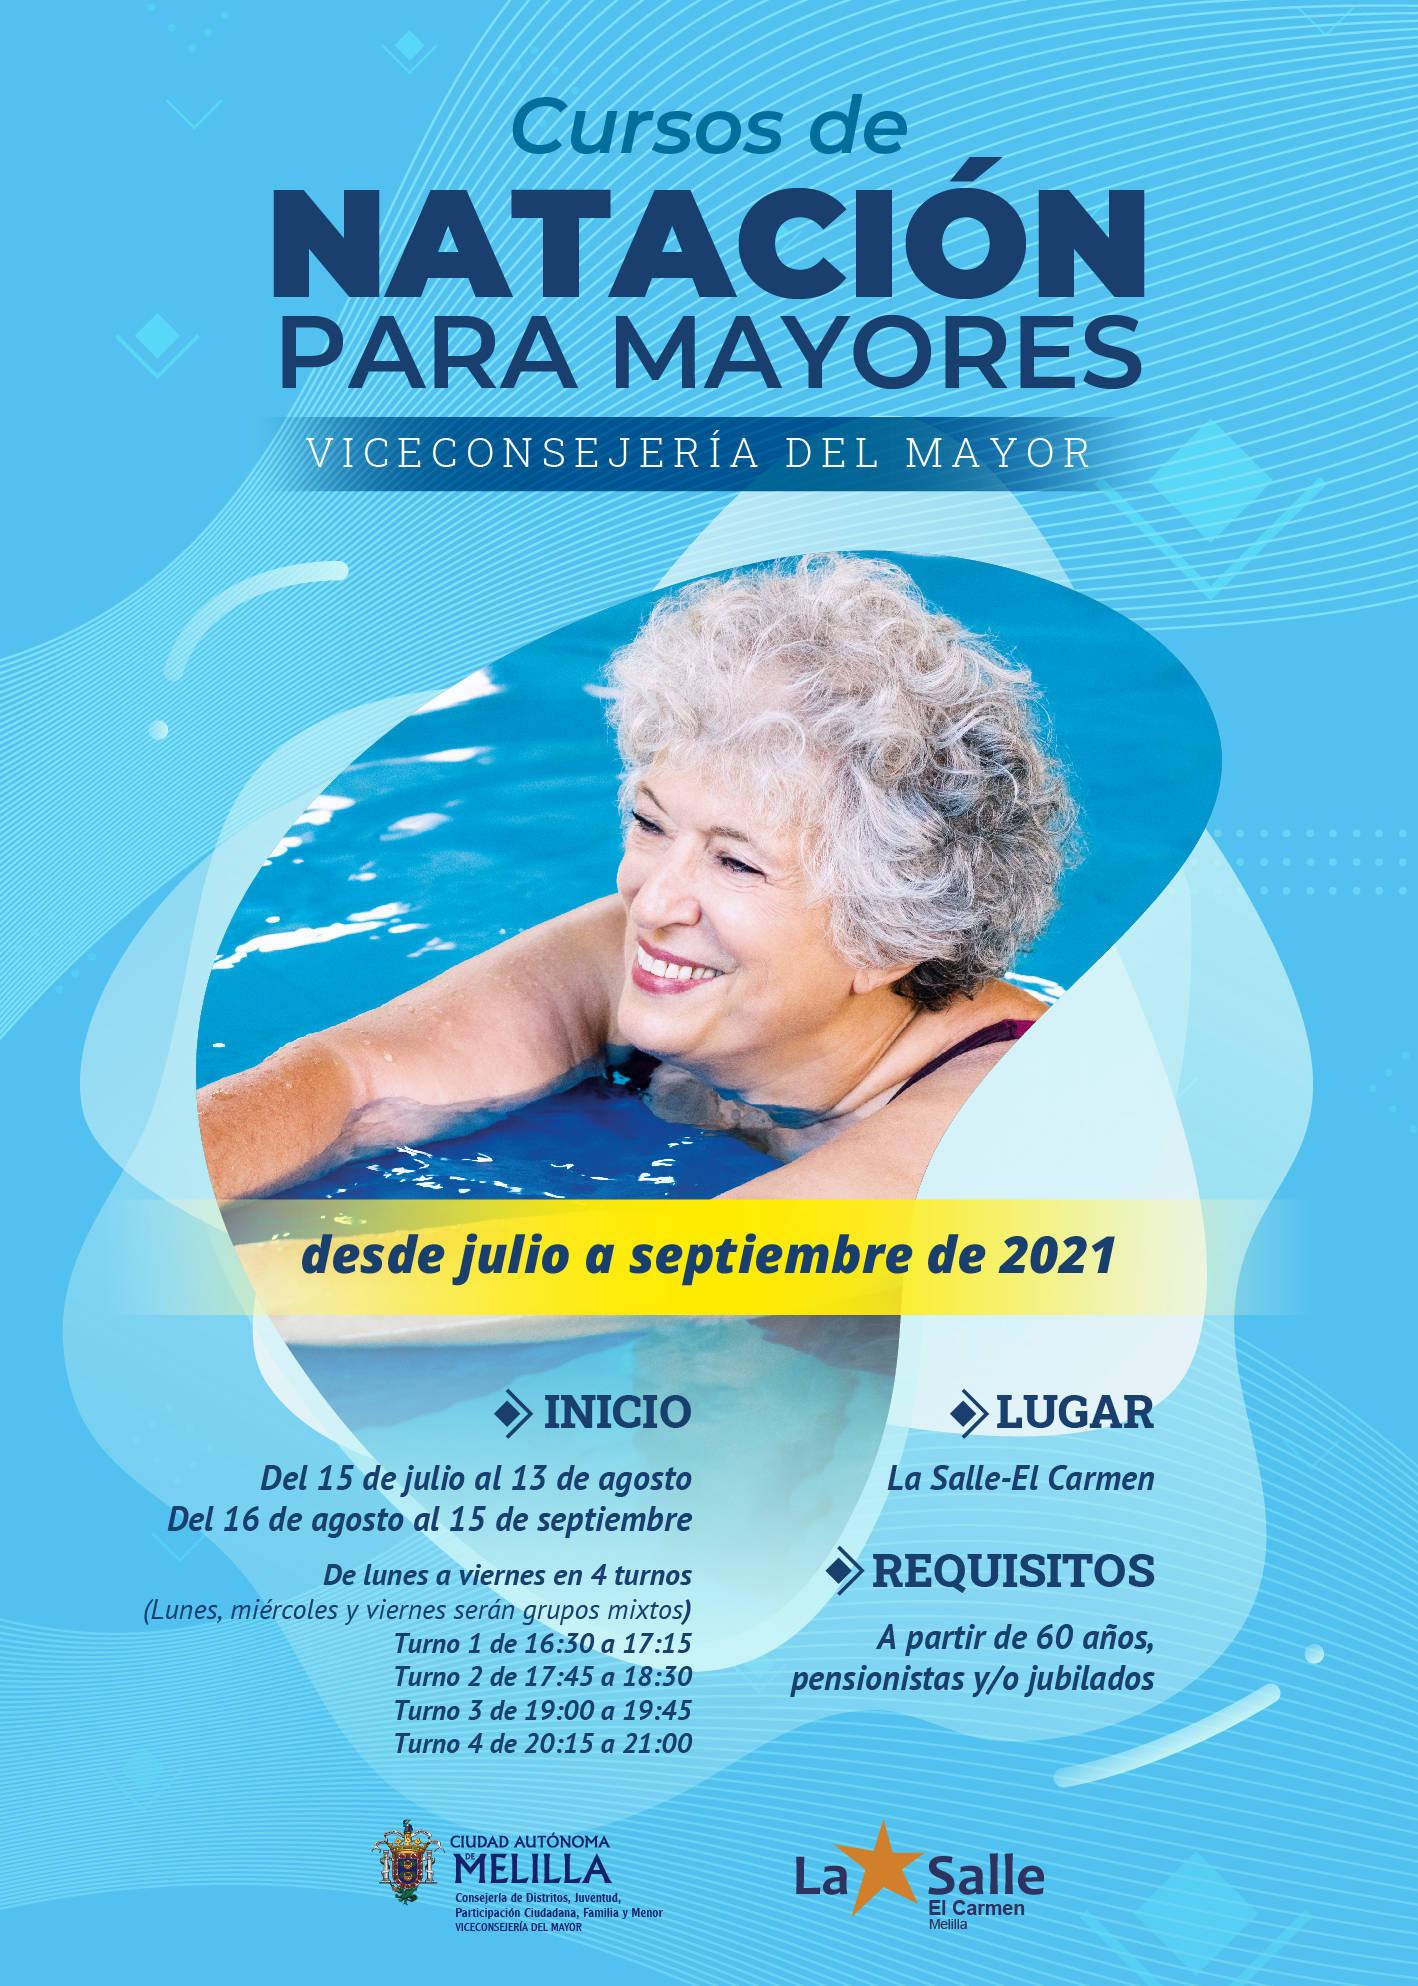 Curso de natación para mayores (2021) - Melilla